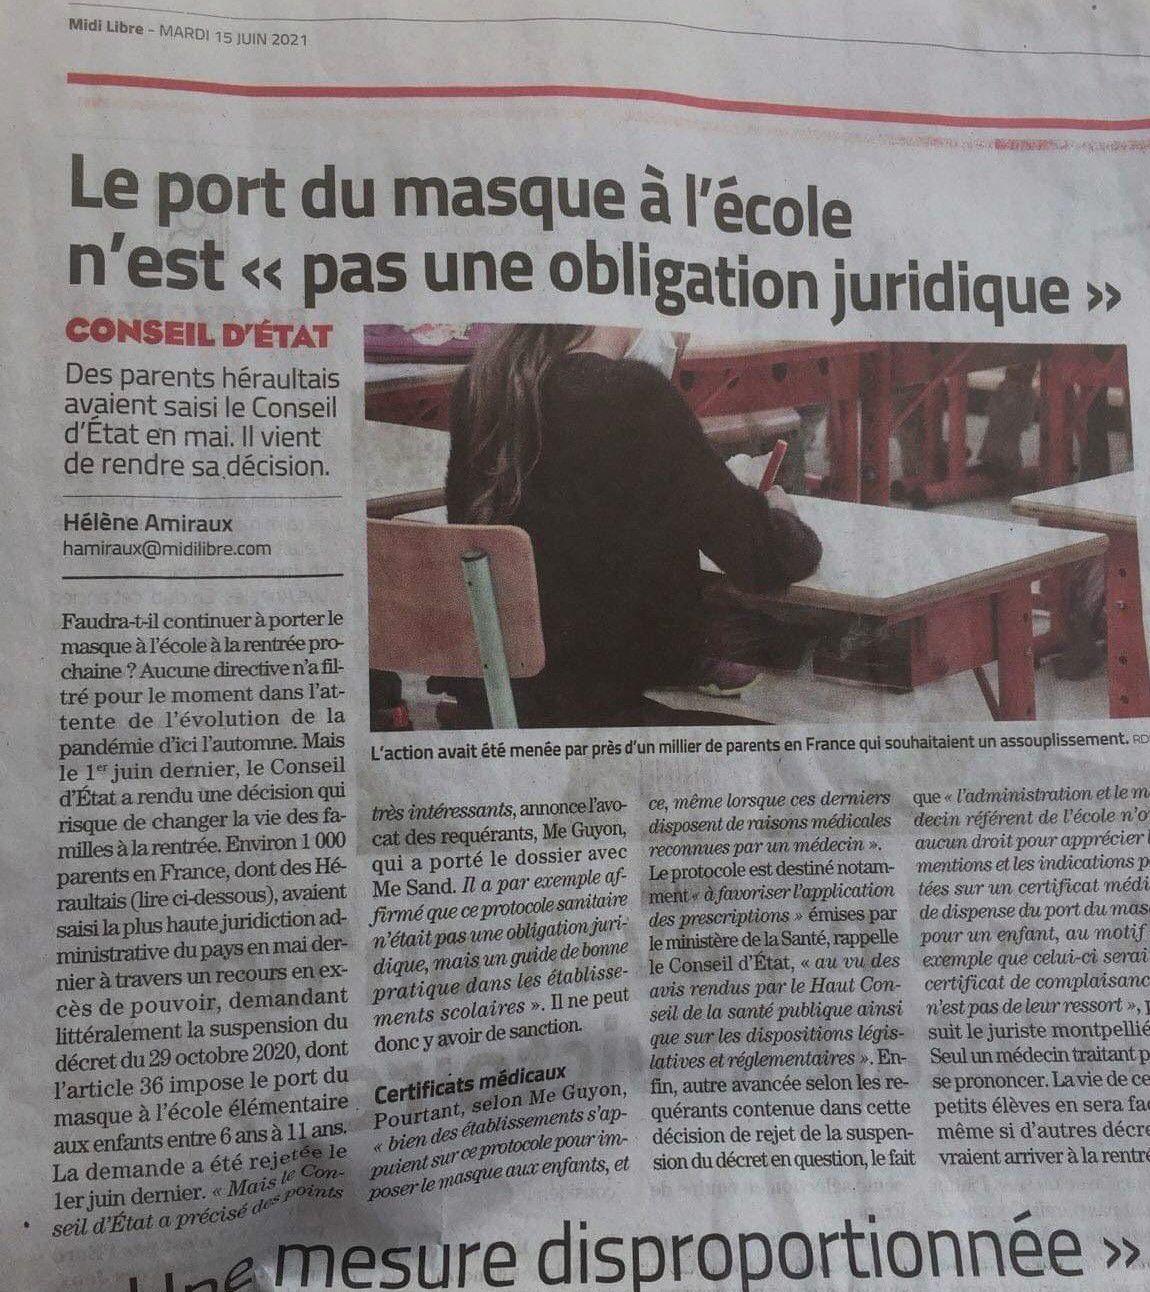 """Le port du masque à l'école n'est """"pas une obligation juridique"""" précise le Conseil d'État"""